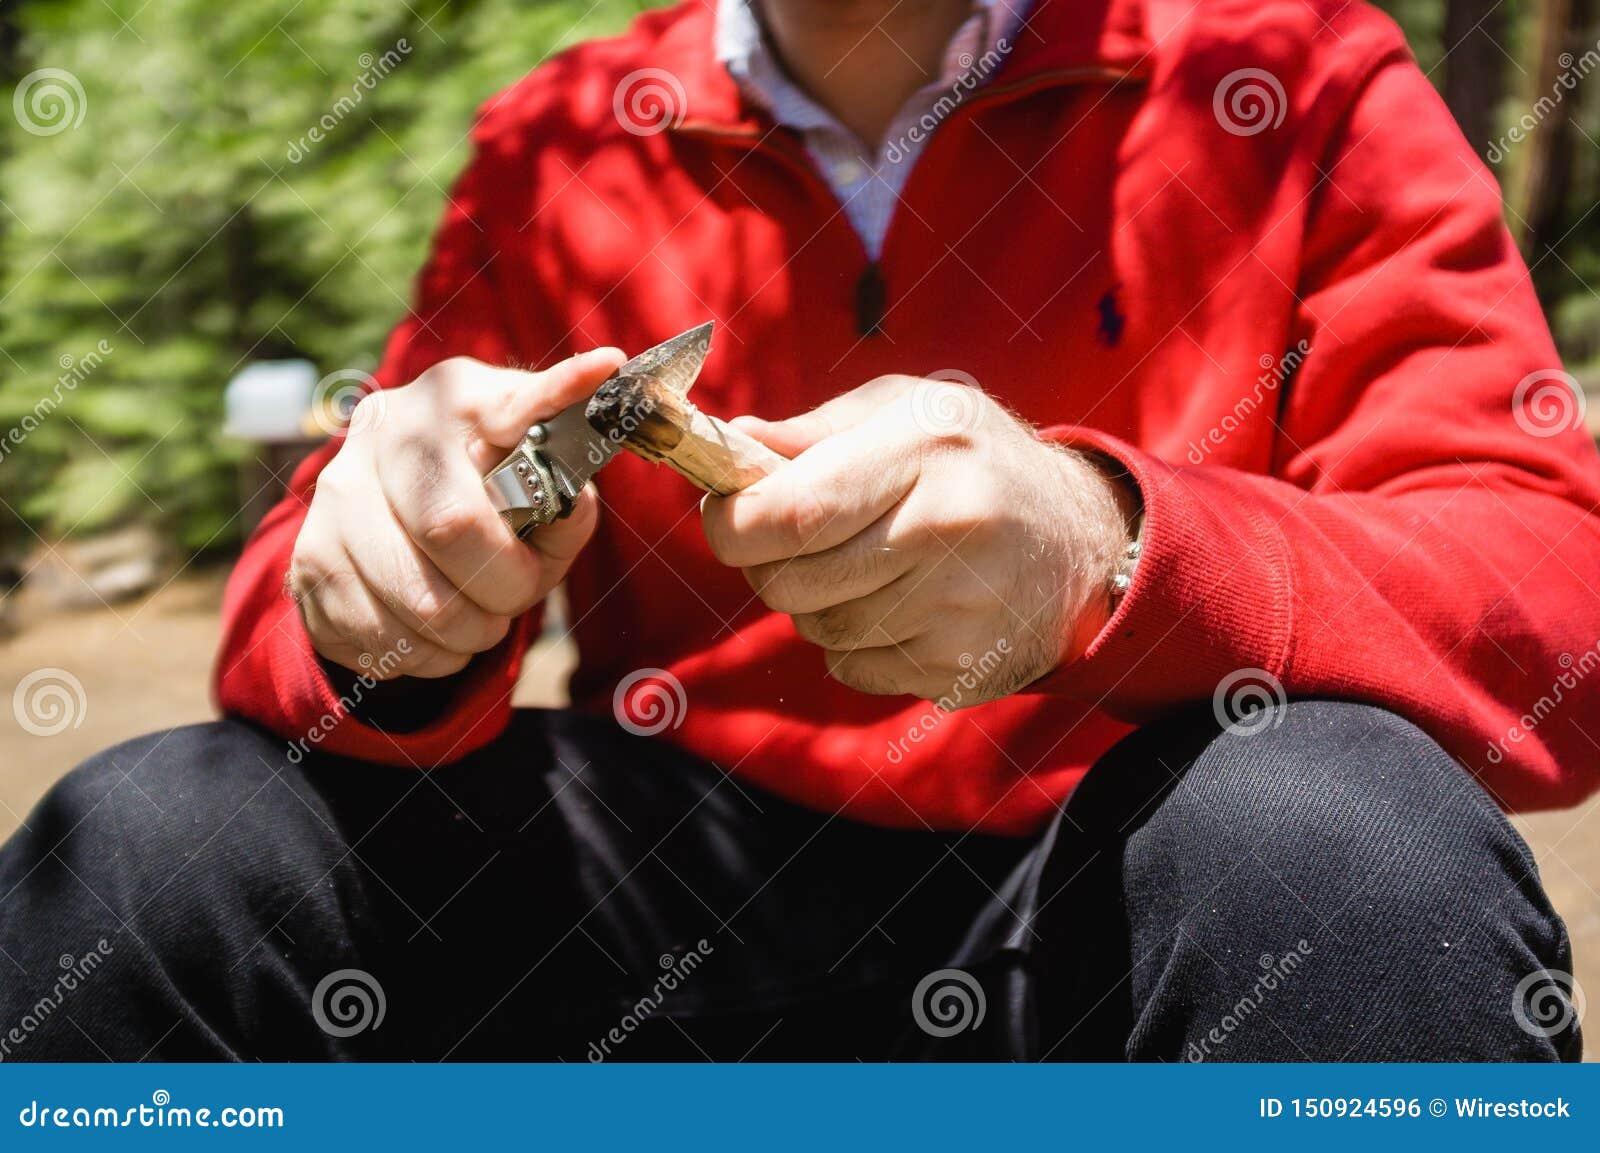 Αρσενικό σε ένα κόκκινο σακάκι που ακονίζει το μαχαίρι του στις άγρια περιοχές